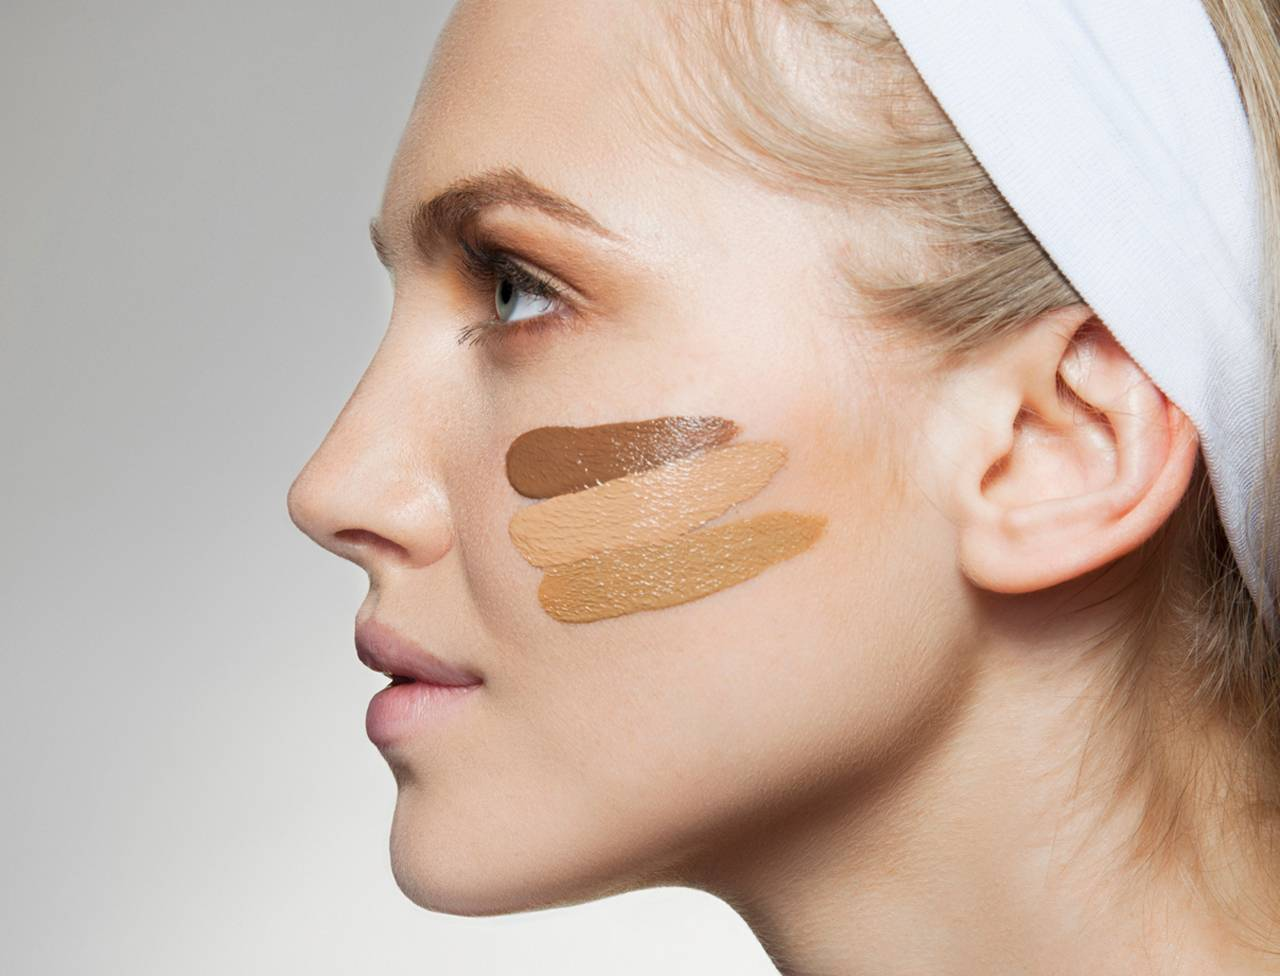 Лучший тональный крем для проблемной кожи